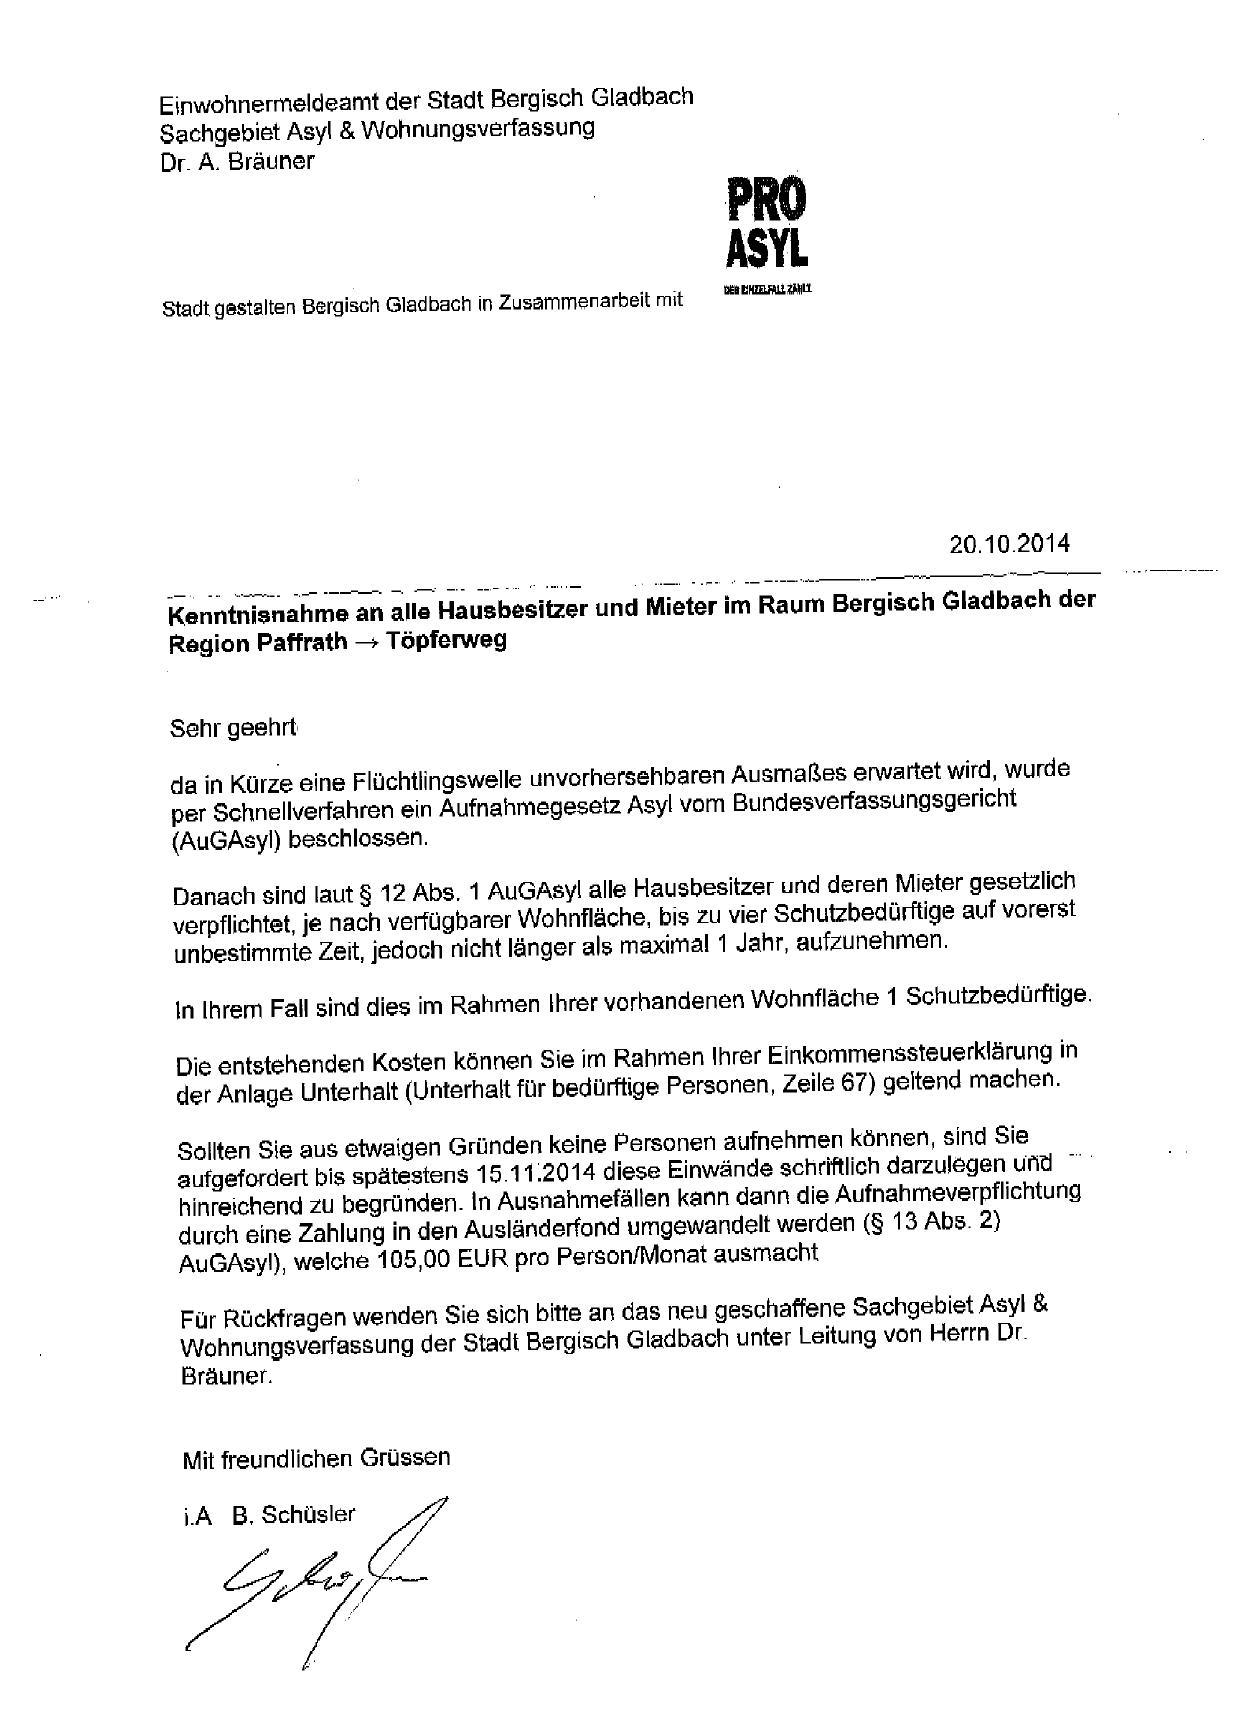 Briefe Mit Der Hand Schreiben : Gefälschter brief macht stimmung gegen flüchtlinge